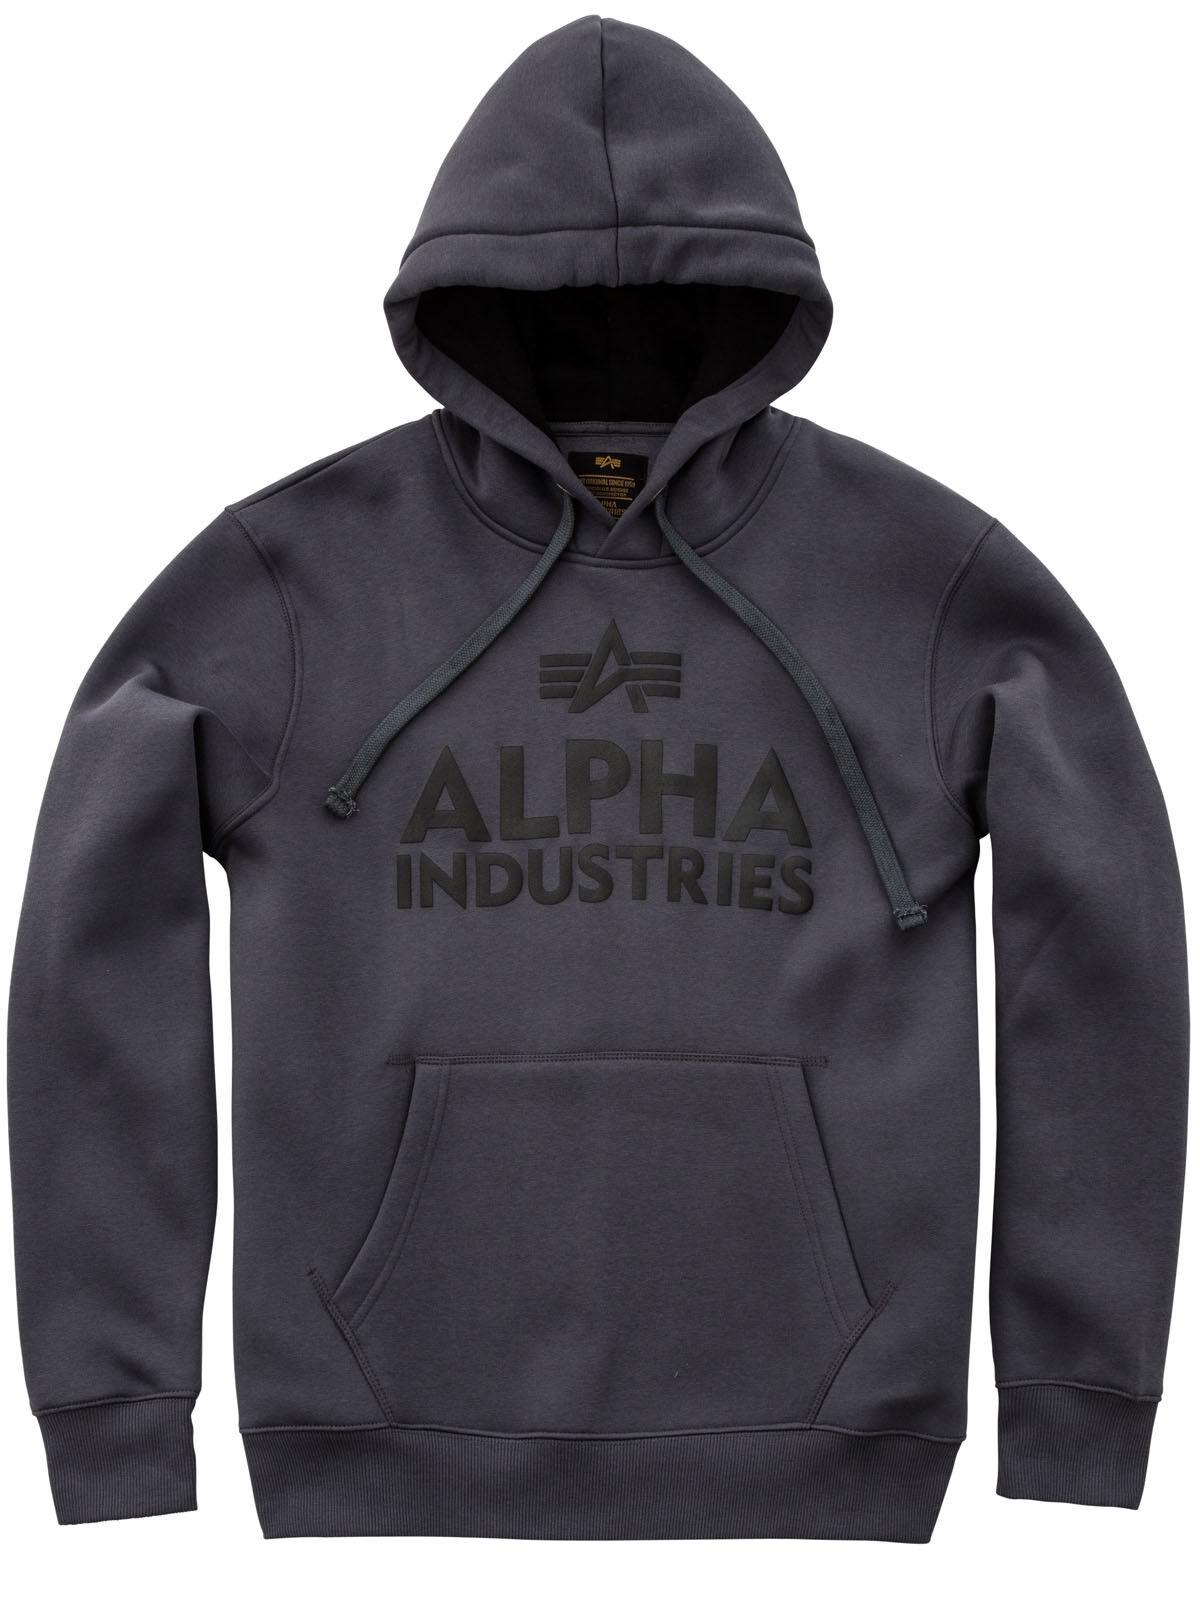 Alpha Industries Foam Print Hoody con cappuccio Pullover Grigio Grigio Grigio 143302 136 6190 06dc71